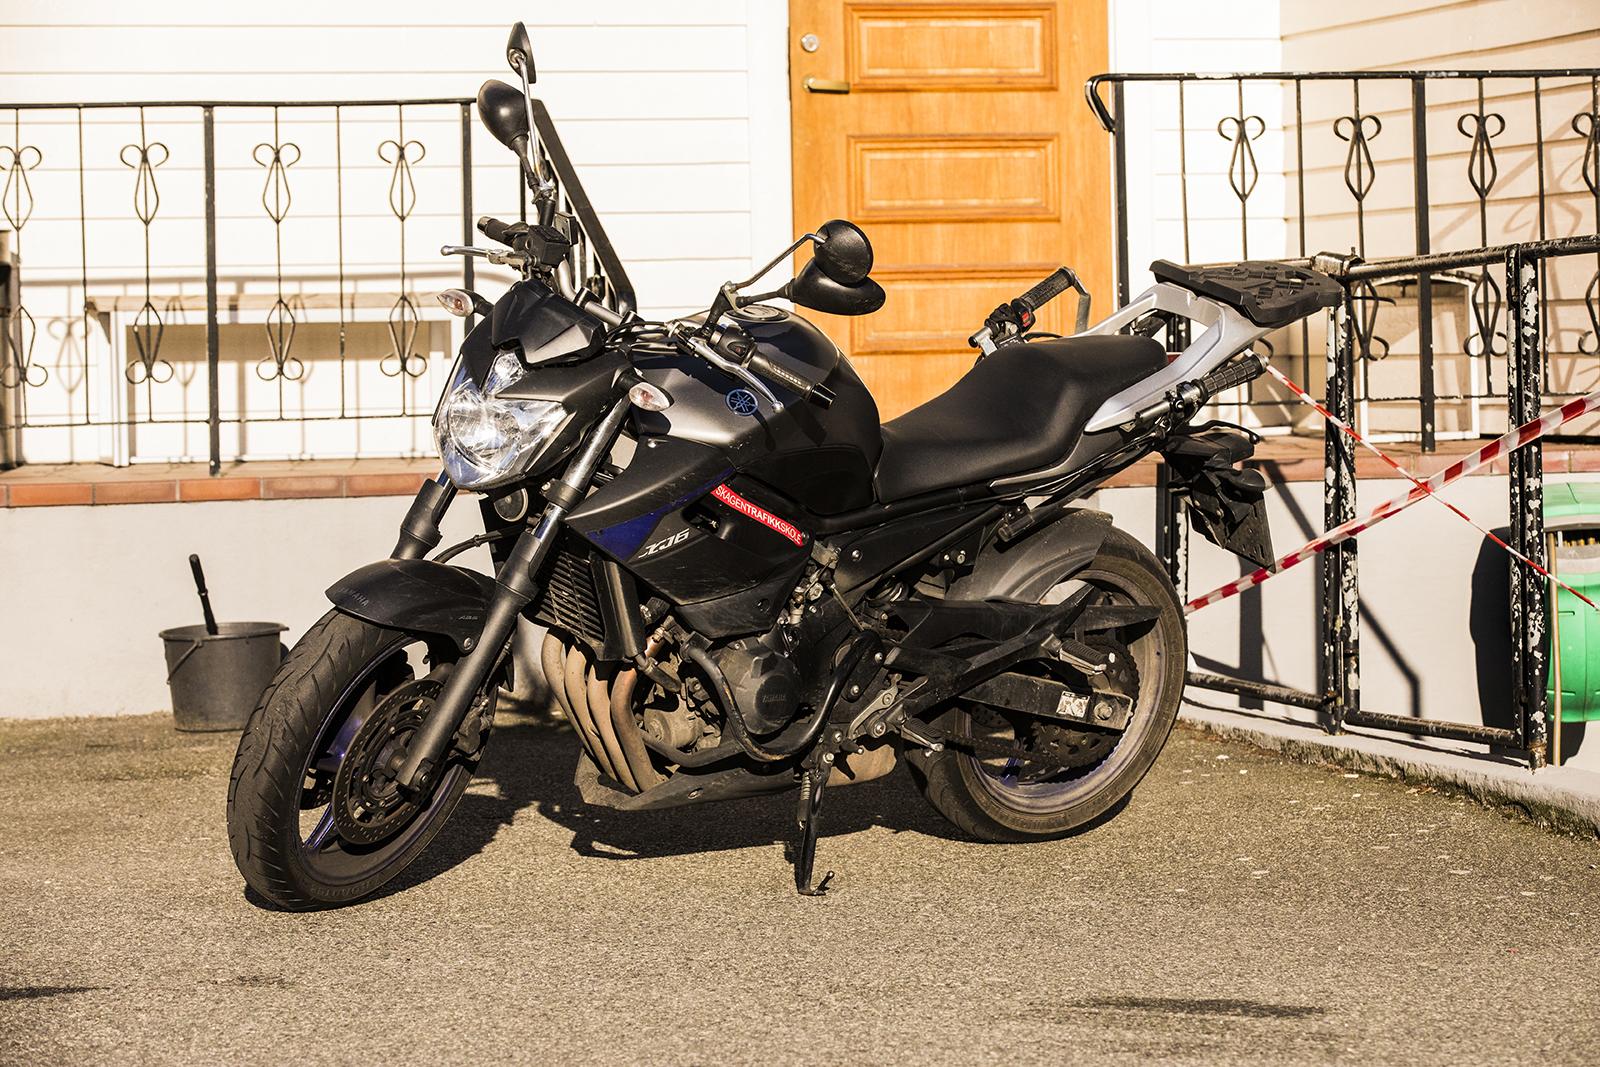 førerkort tung motorsykkel